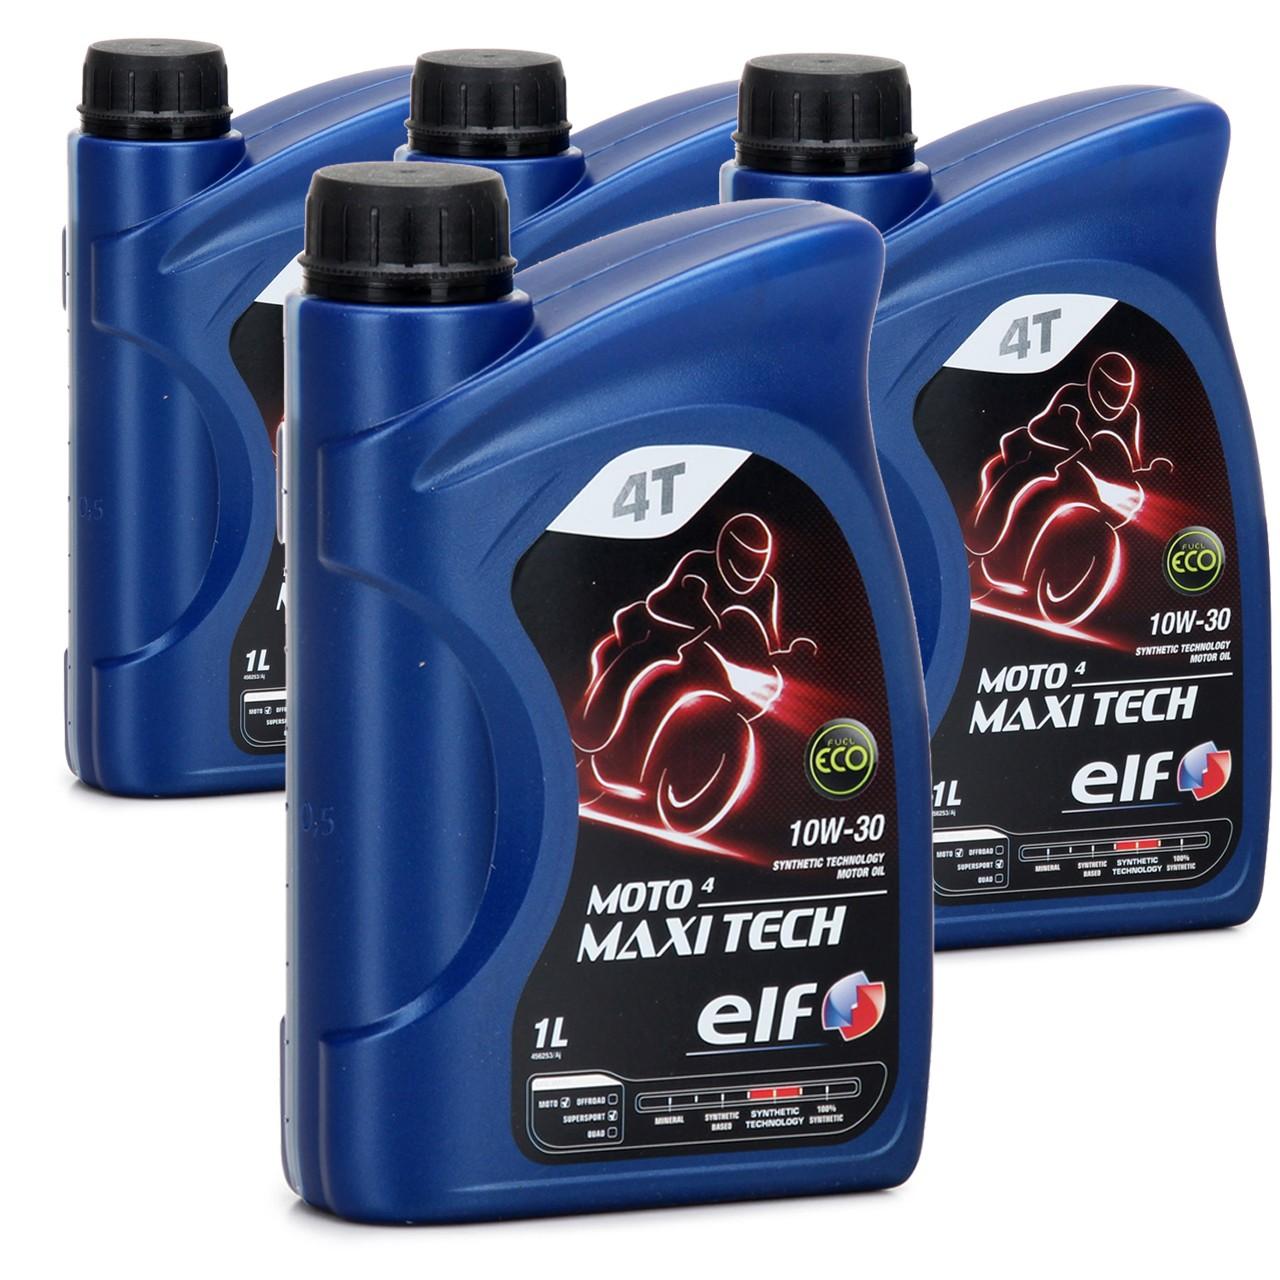 ELF Motoröl ÖL 4T 4-TAKT MOTO 4 MAXITECH 10W30 JASO MA API SJ - 4L 4 Liter